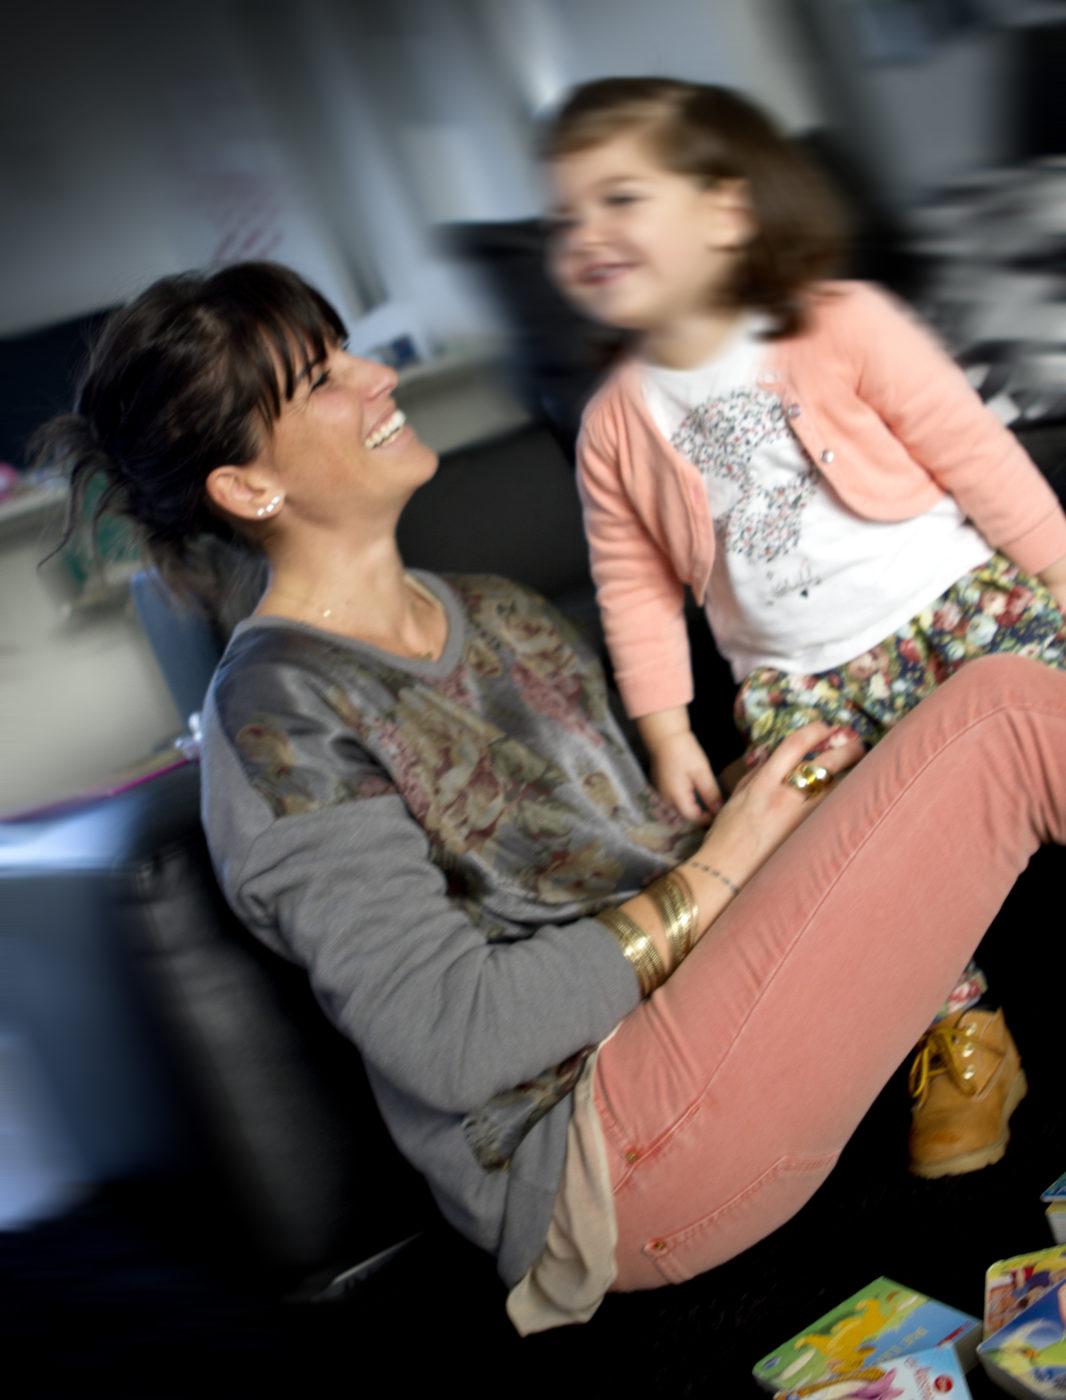 mamma e figlia, mom and daughter, happy, ridono e giocano insieme